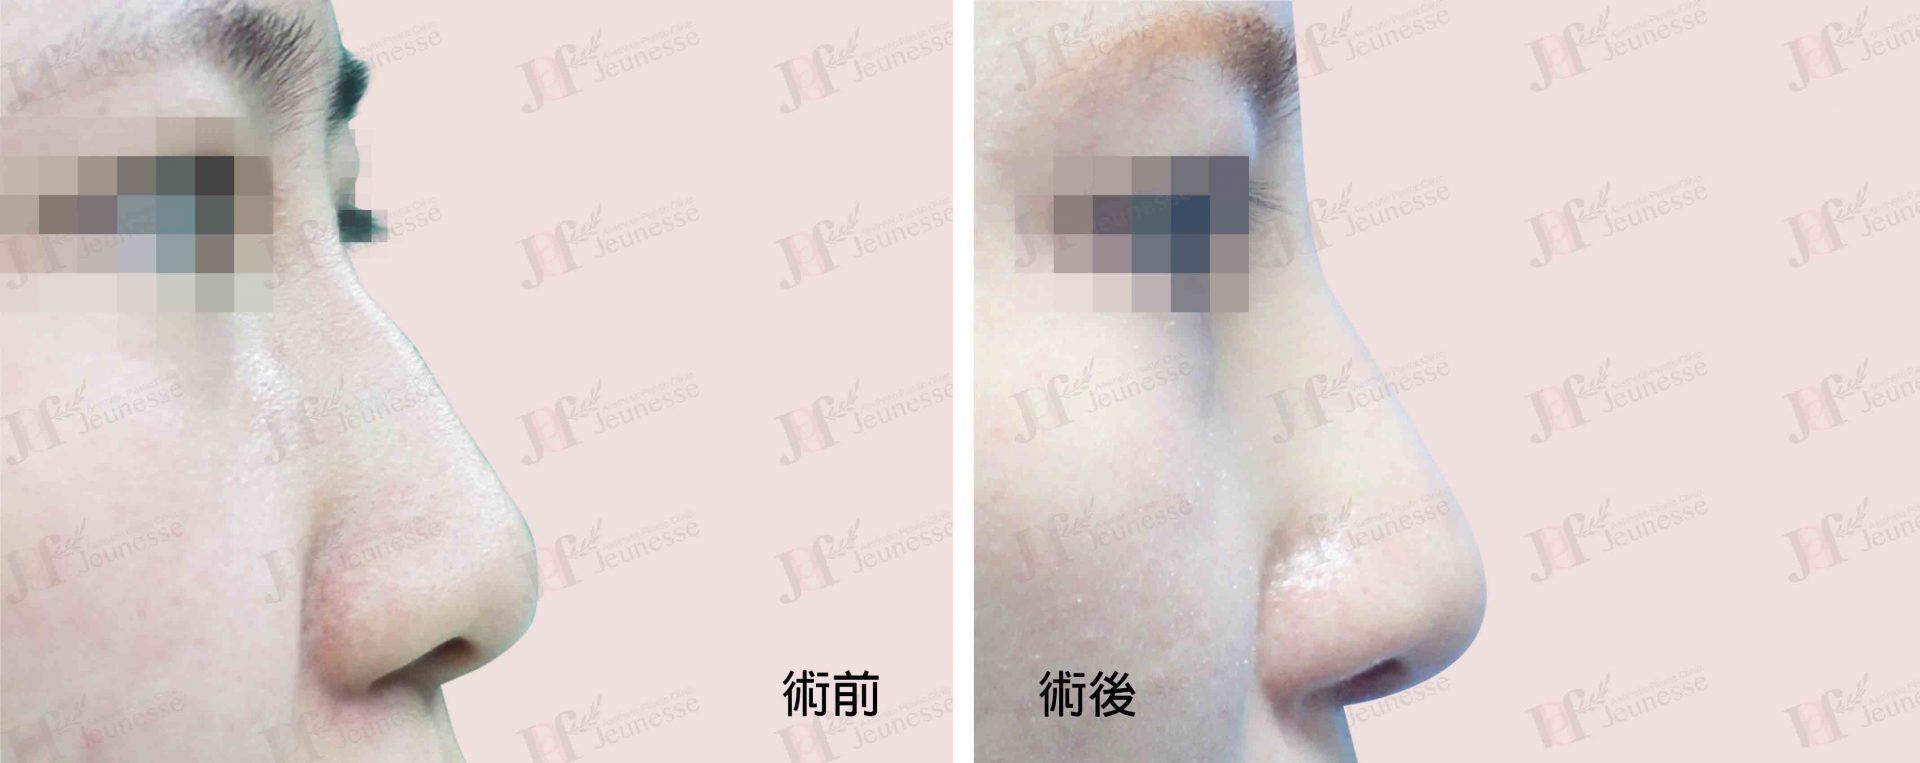 隆鼻 case2 側面-浮水印